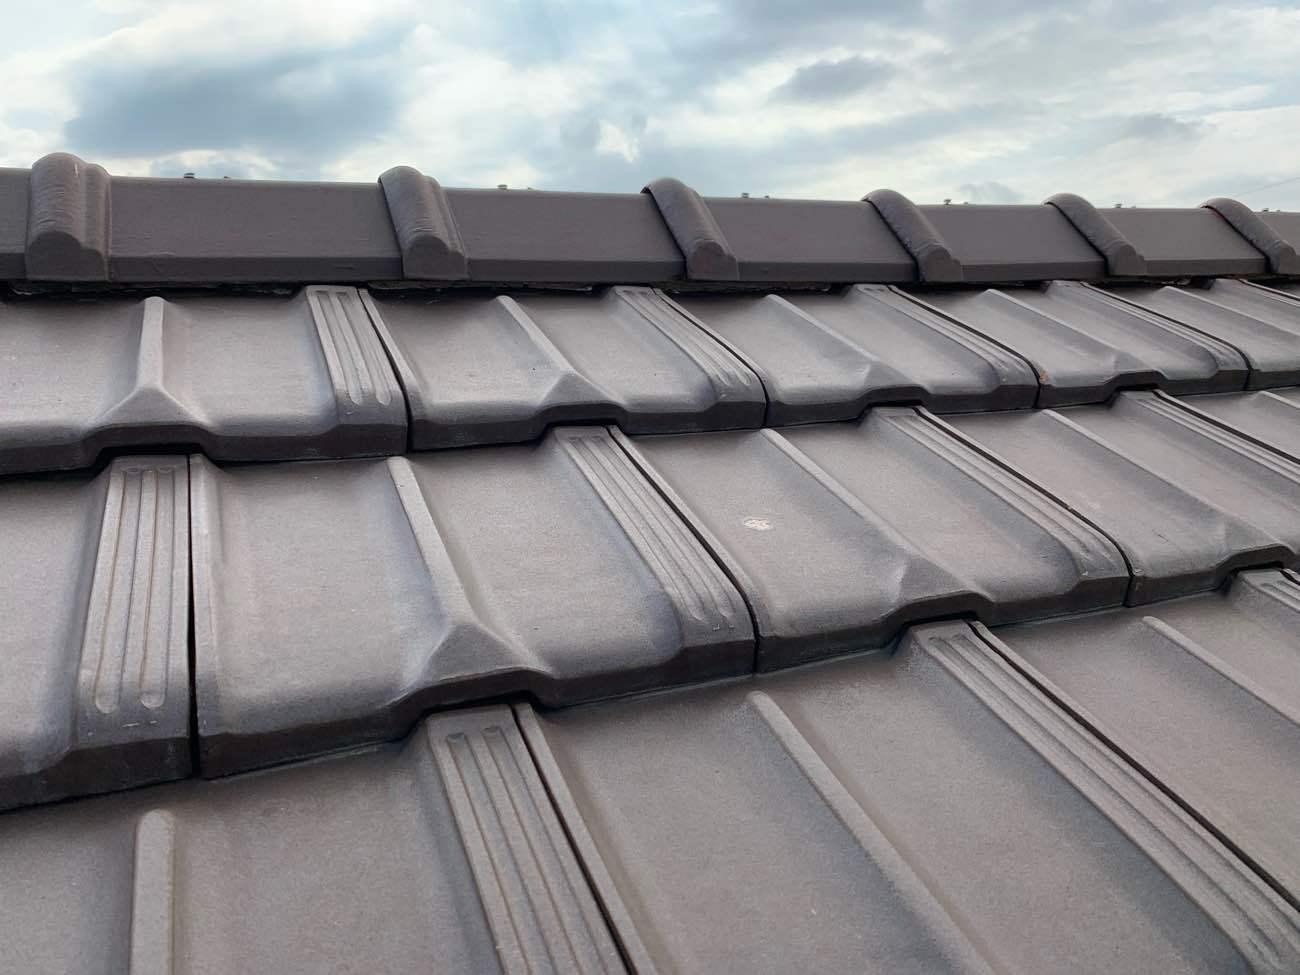 名古屋市守山区で平板瓦の棟取り直し工事 ハイロールを使った屋根工事